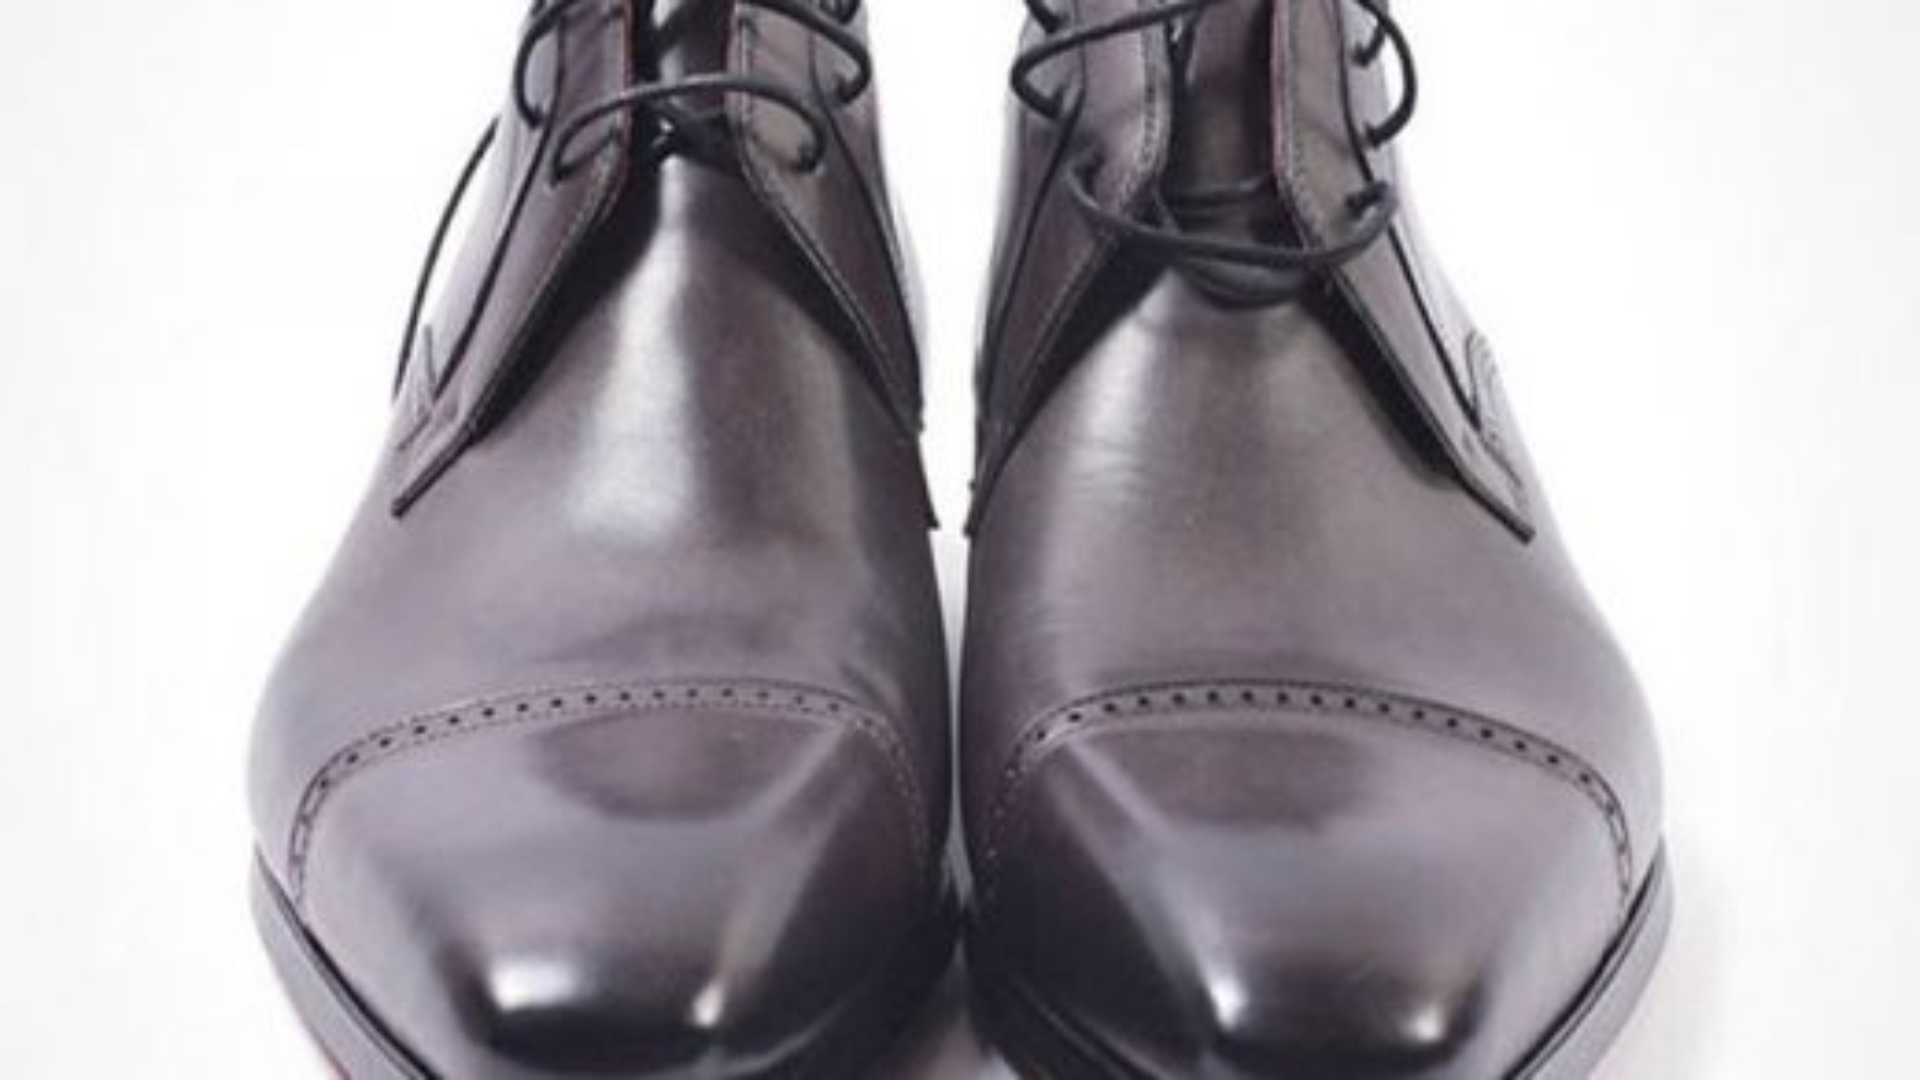 نگهداری از کفش | تگ